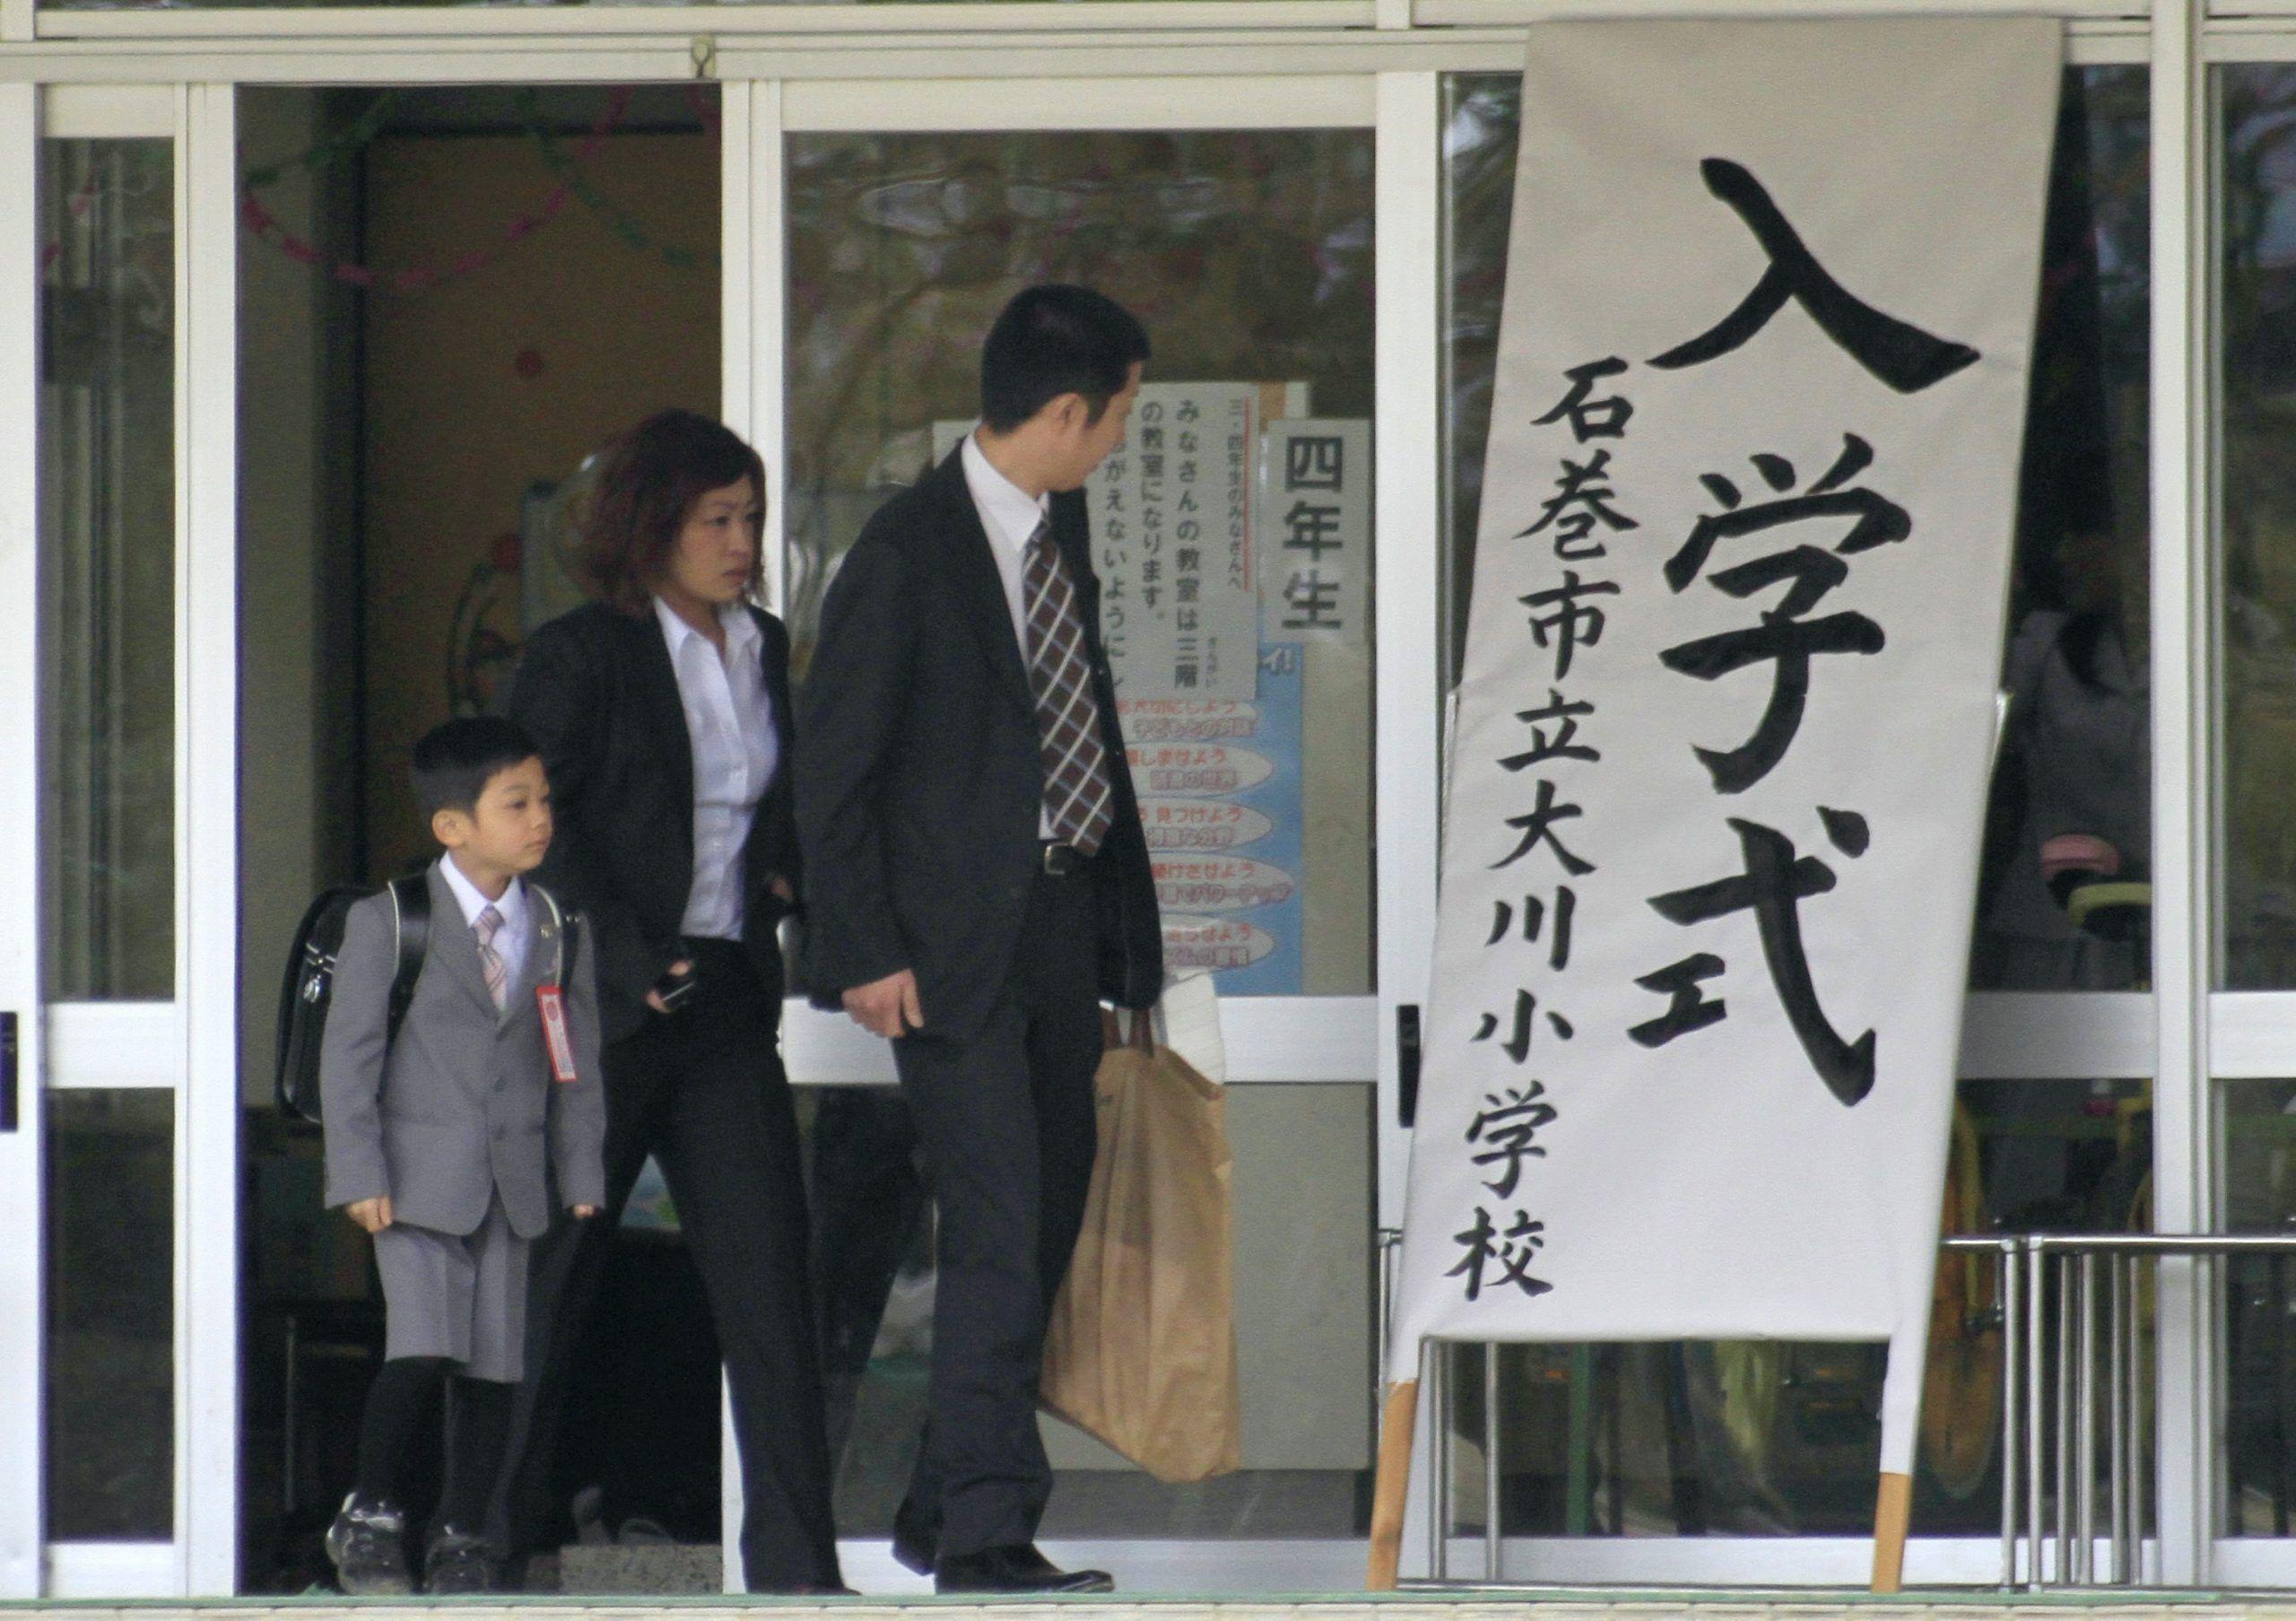 Divisa scolastica in Giappone